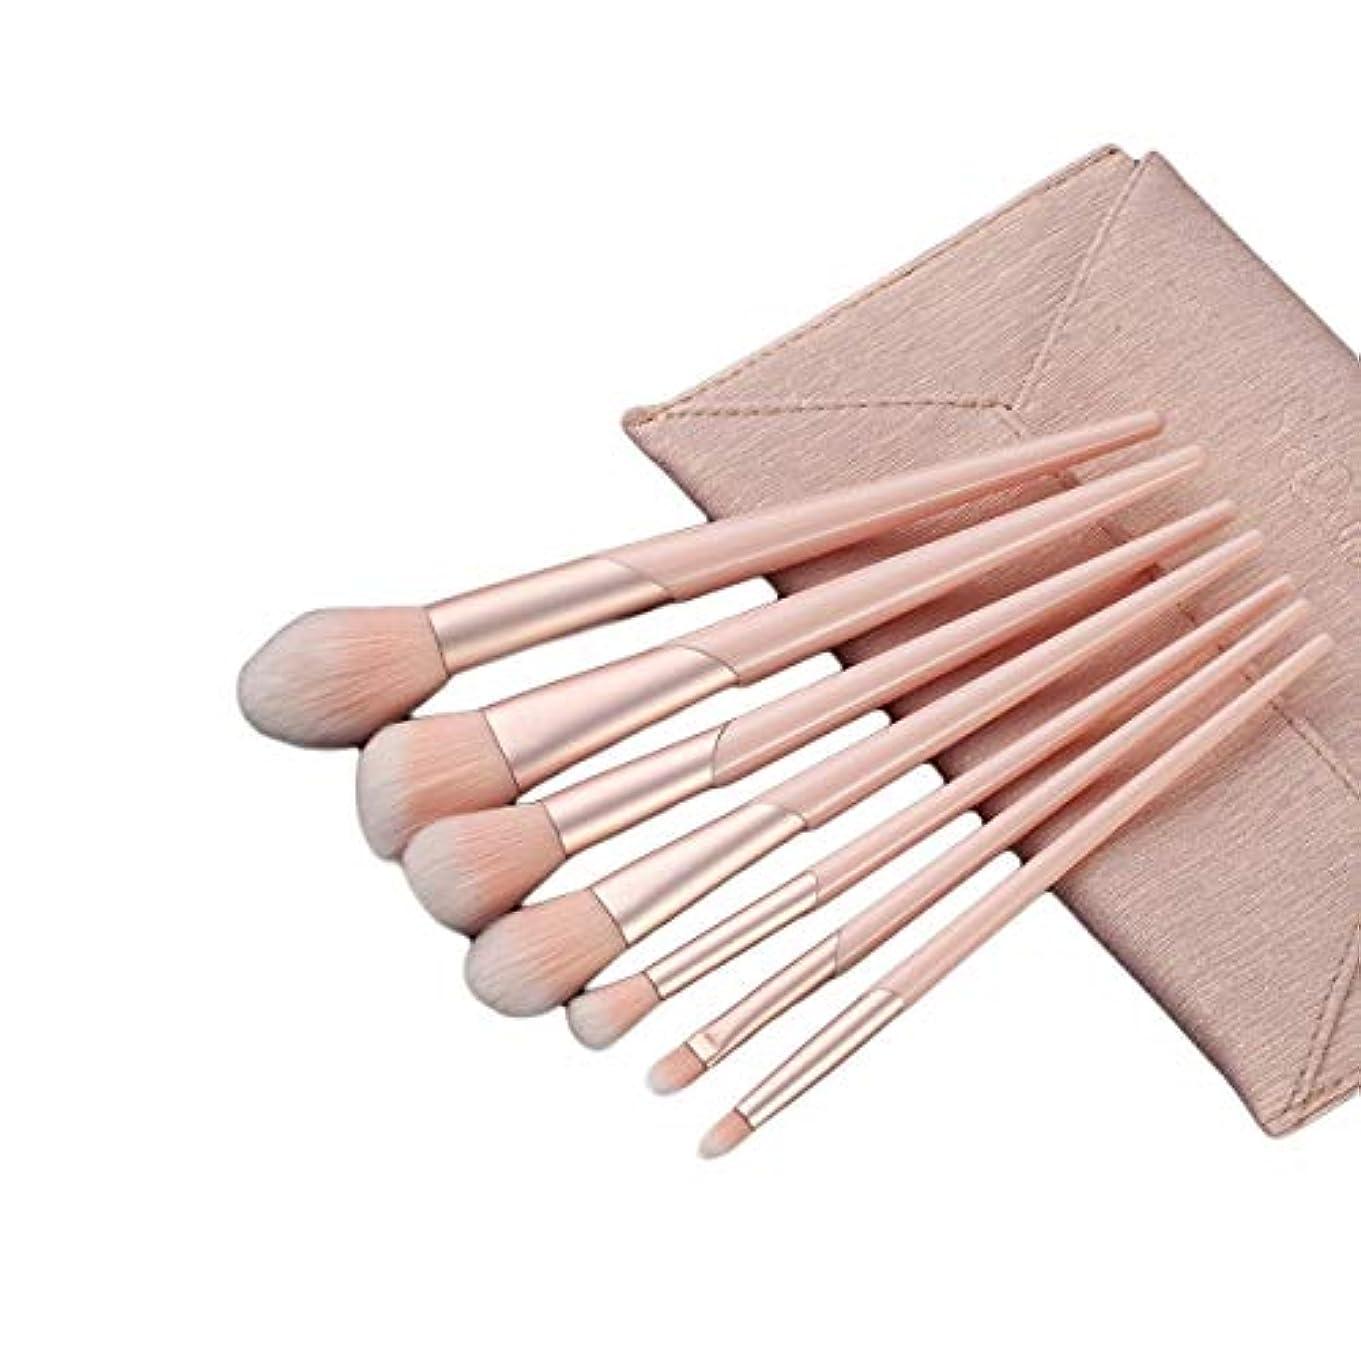 マウスピース芸術的促すTUOFL メイクブラシ、アイシャドウブラシ美容ツールのうち7スティックメイクブラシセットフルセット (Color : Pink)